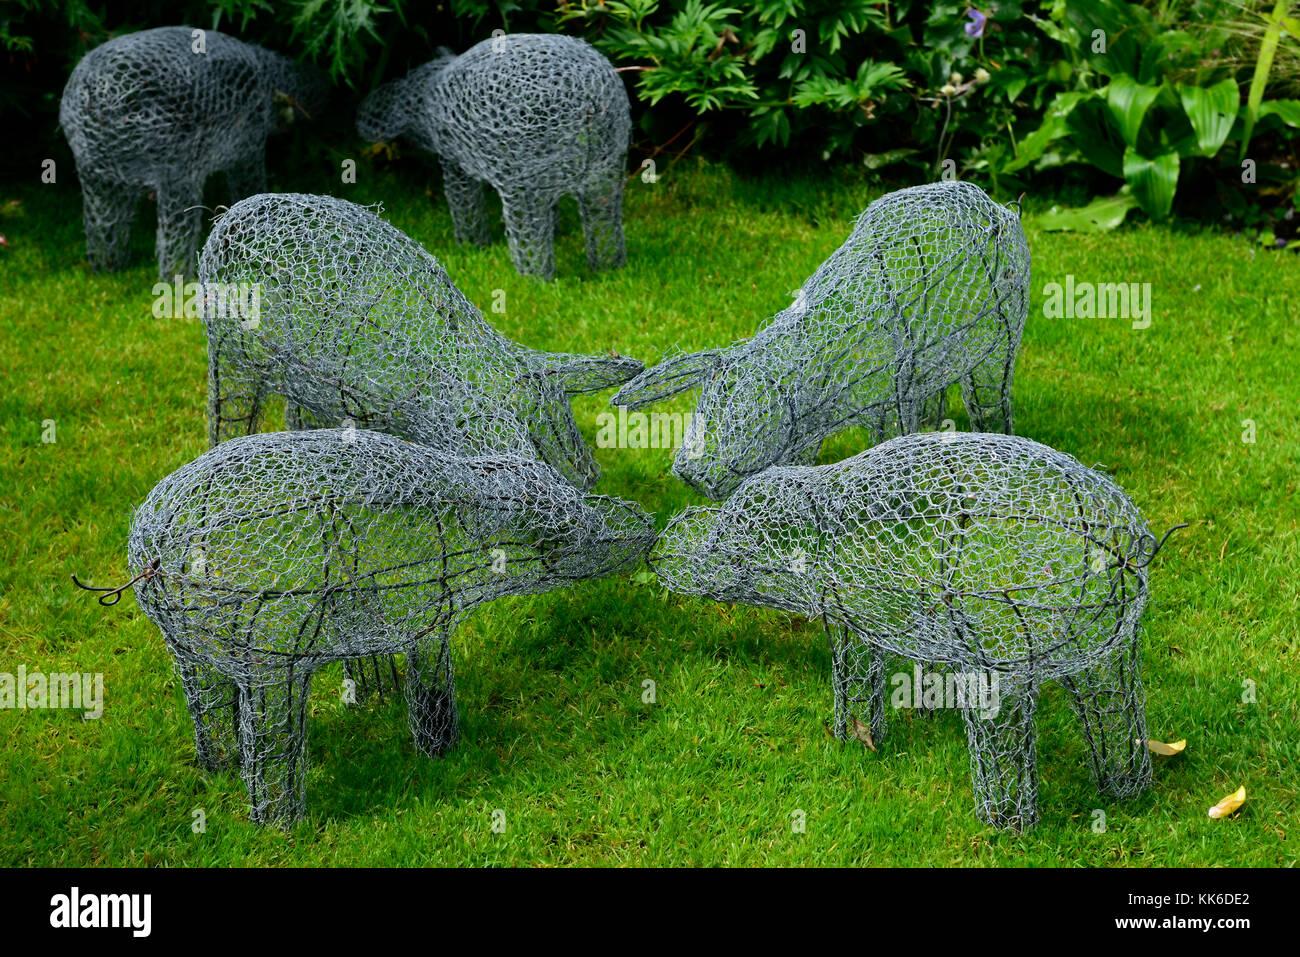 Garten, Skulptur, Kunst, Installation, Schwein, Schweine, Tiere, Kabel, Rahmen, Form, Gliederung, Gärten, Gartenarbeit, Stockfoto